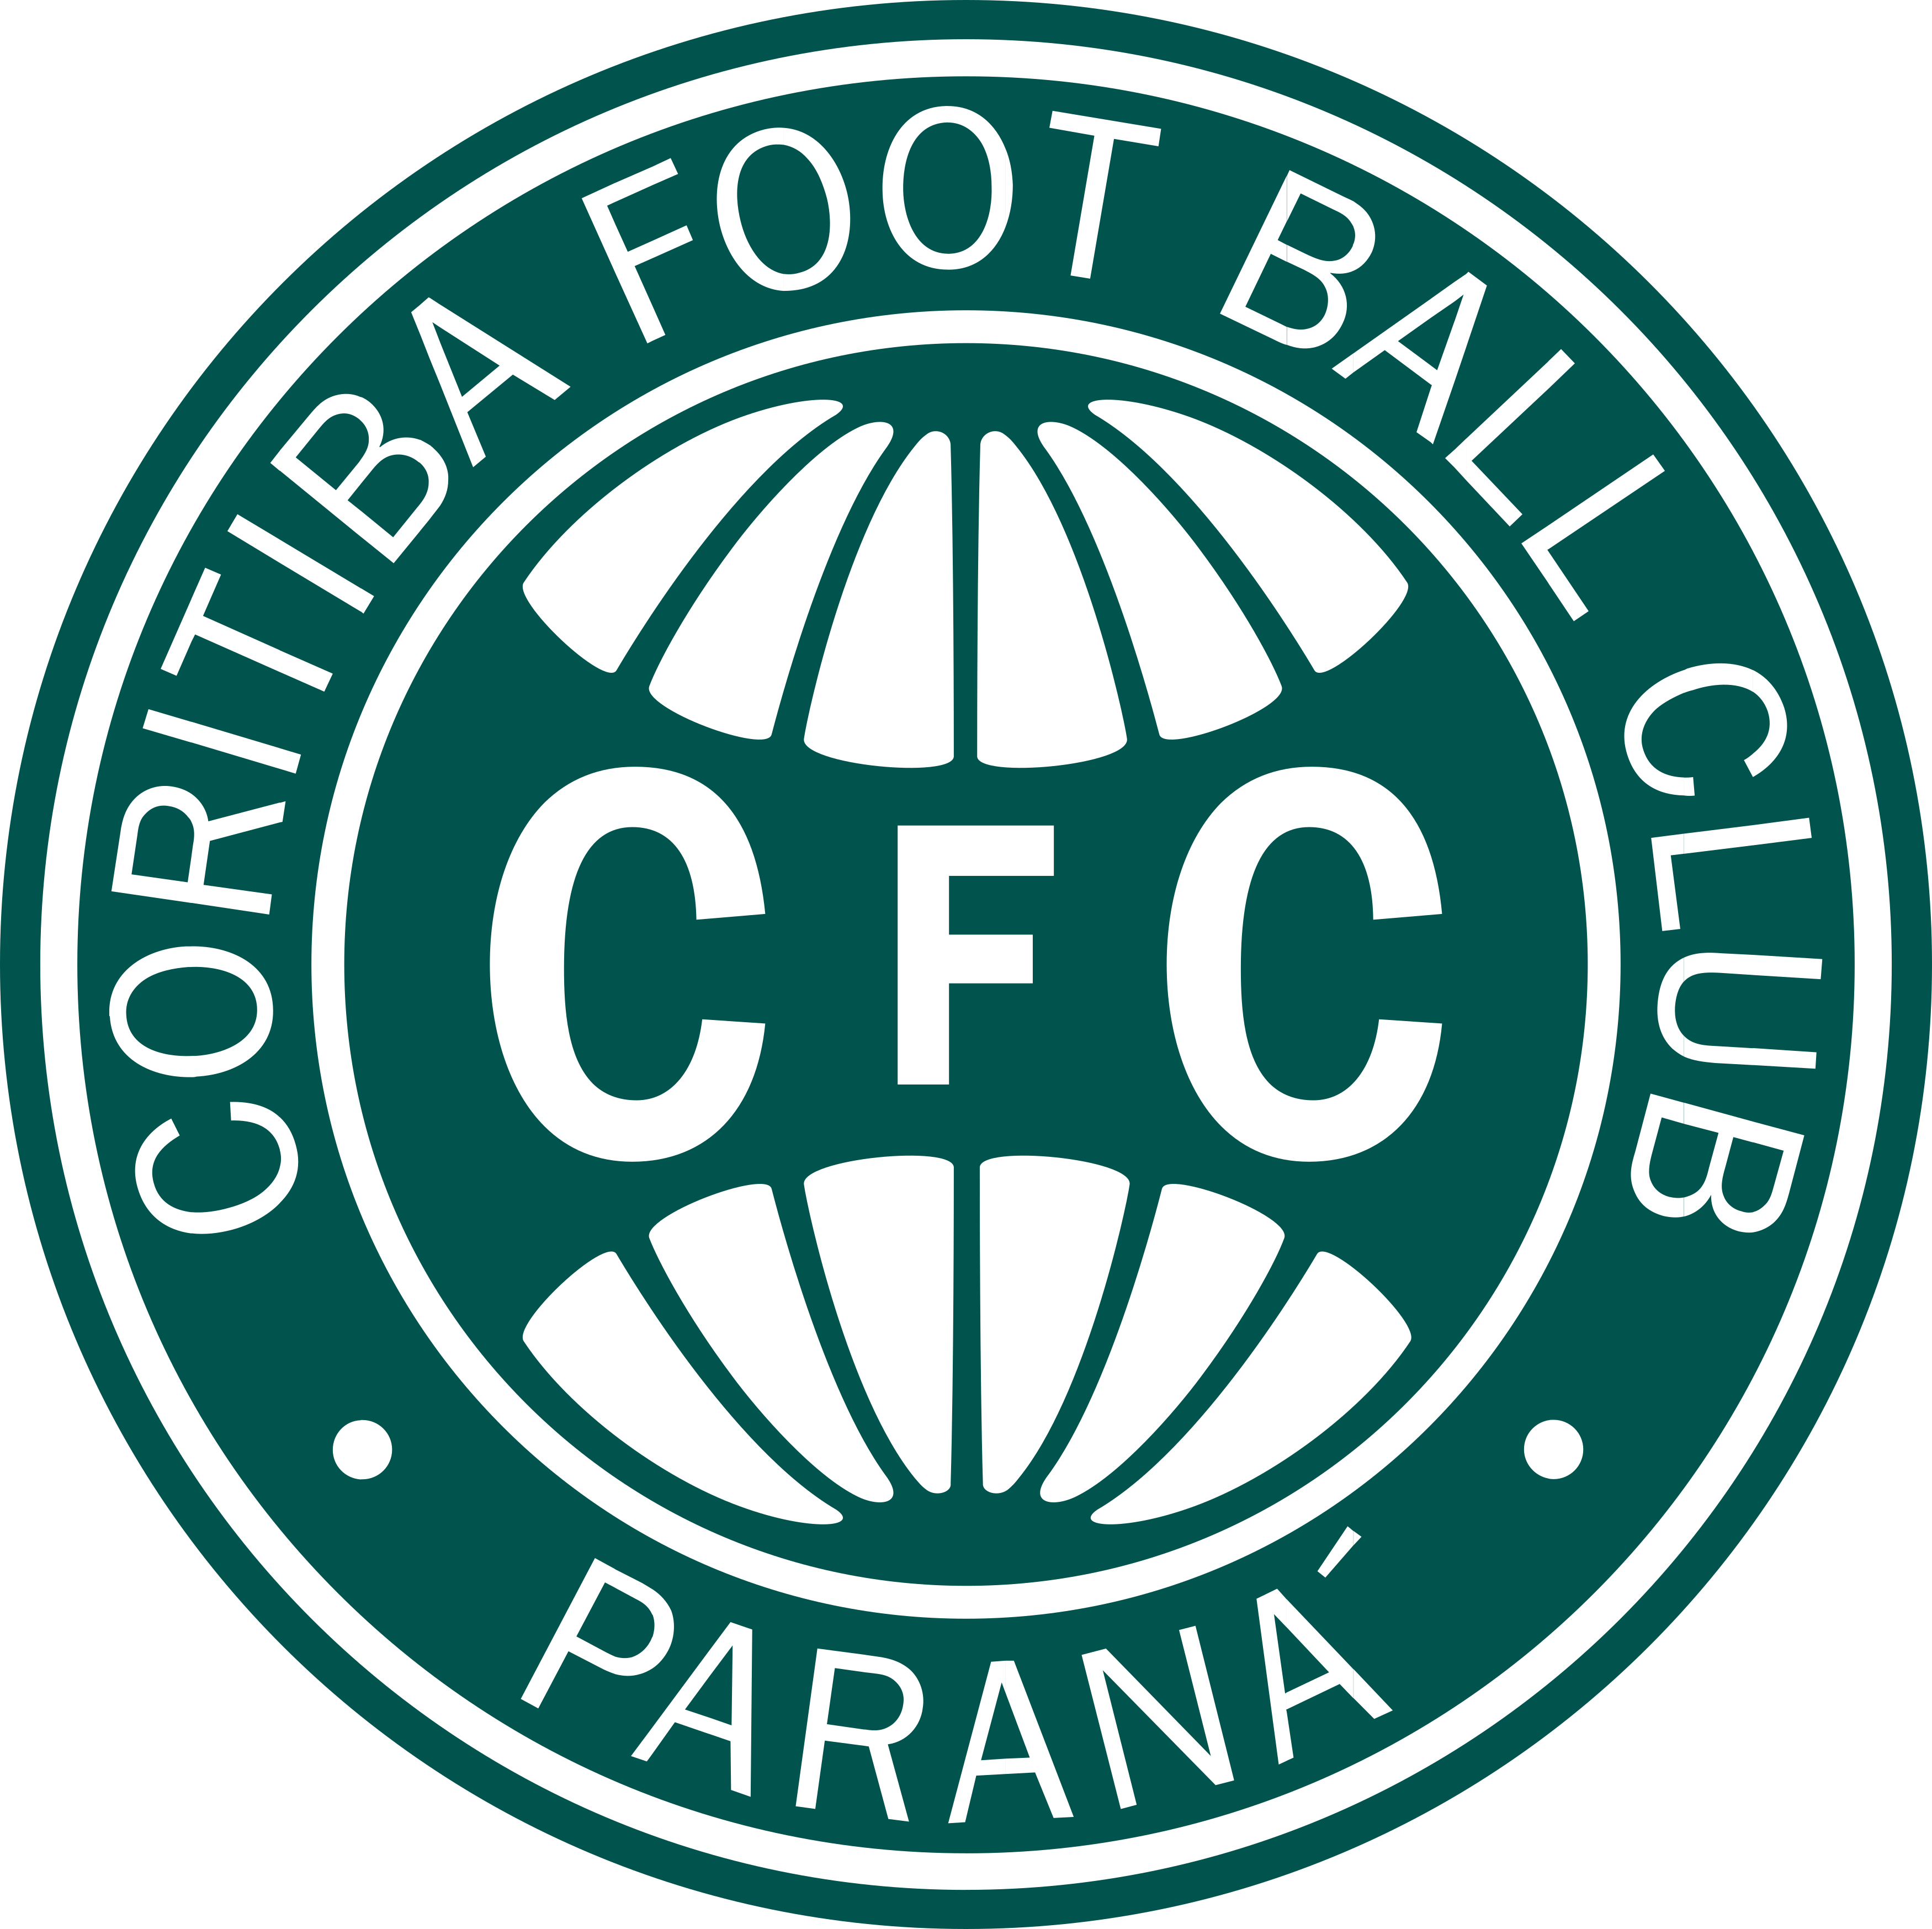 coritiba logo escudo - Coritiba FC Logo